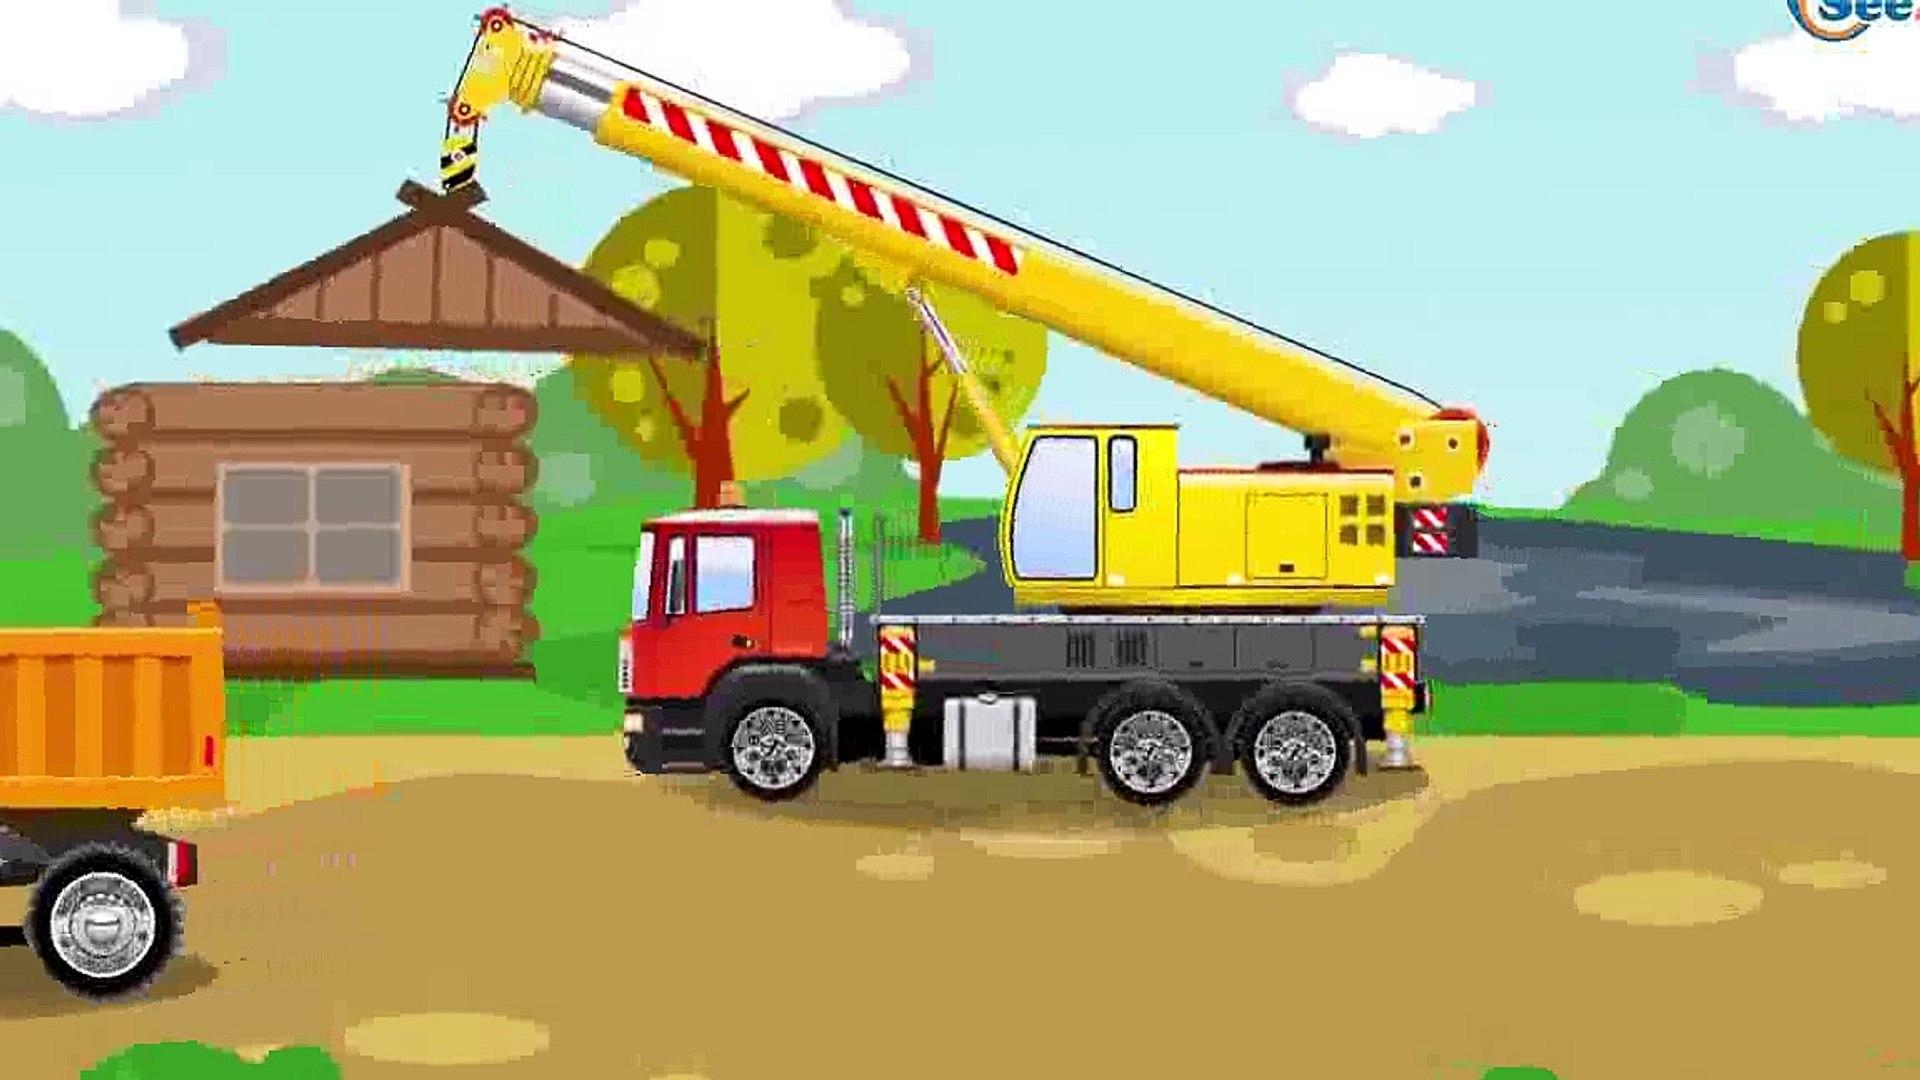 Der Grüner Traktor Und Der Bagger Die Große Autos Für Kinder Cartoon Für Kinder